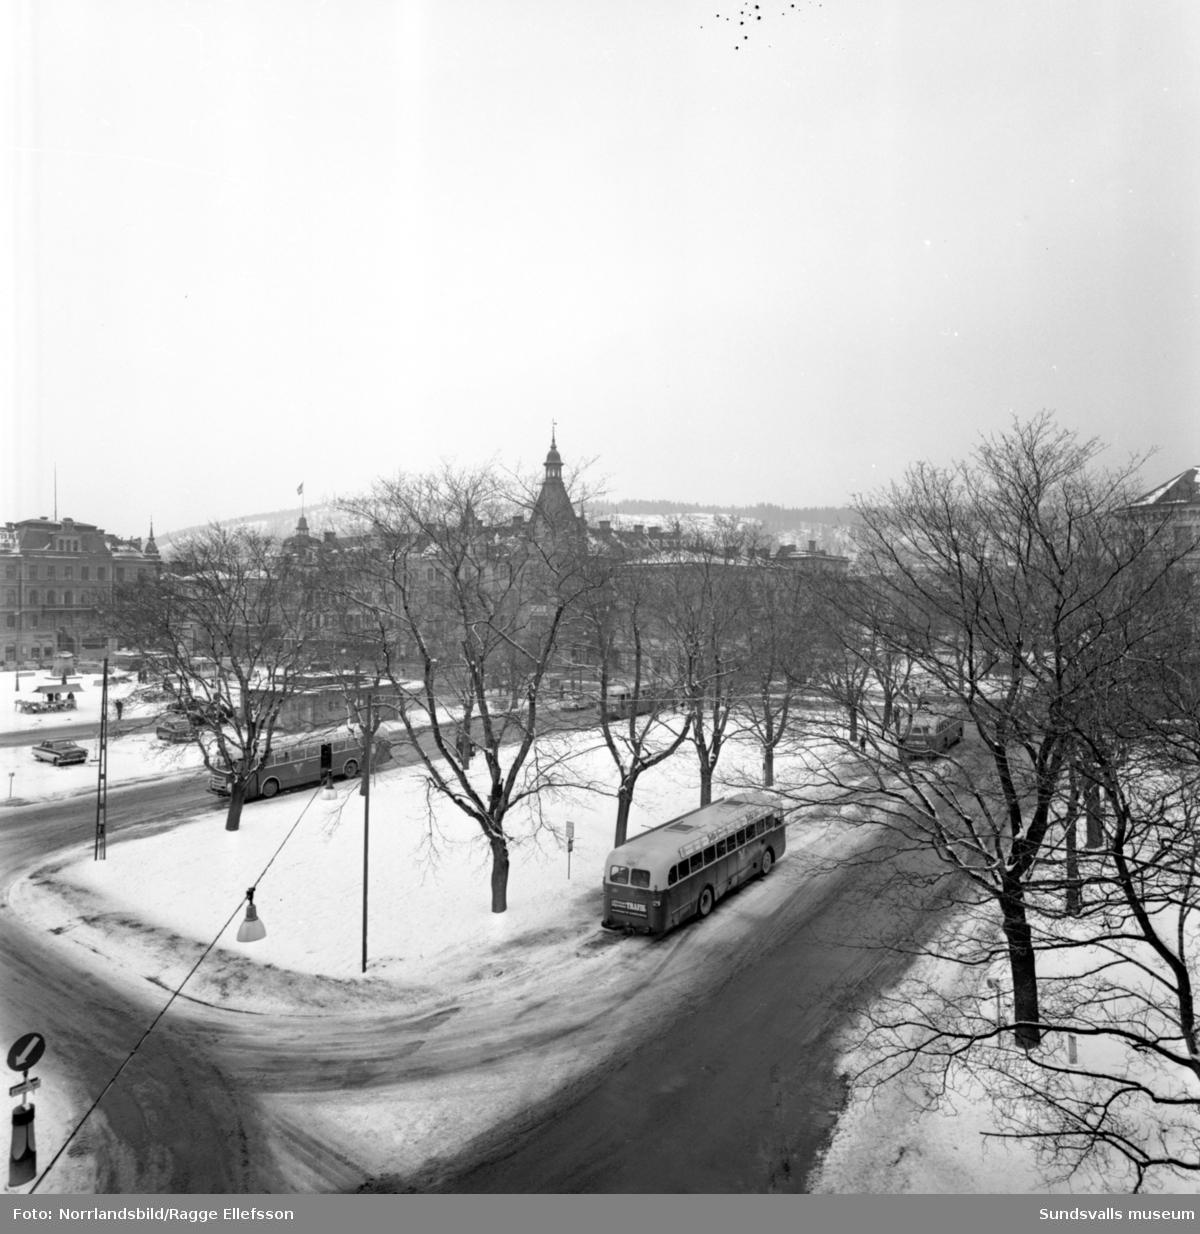 Panorama från före detta Centralhotellet och Sundsvallsbanken norrut över Stora torget, Vängåvan och Storgatan.